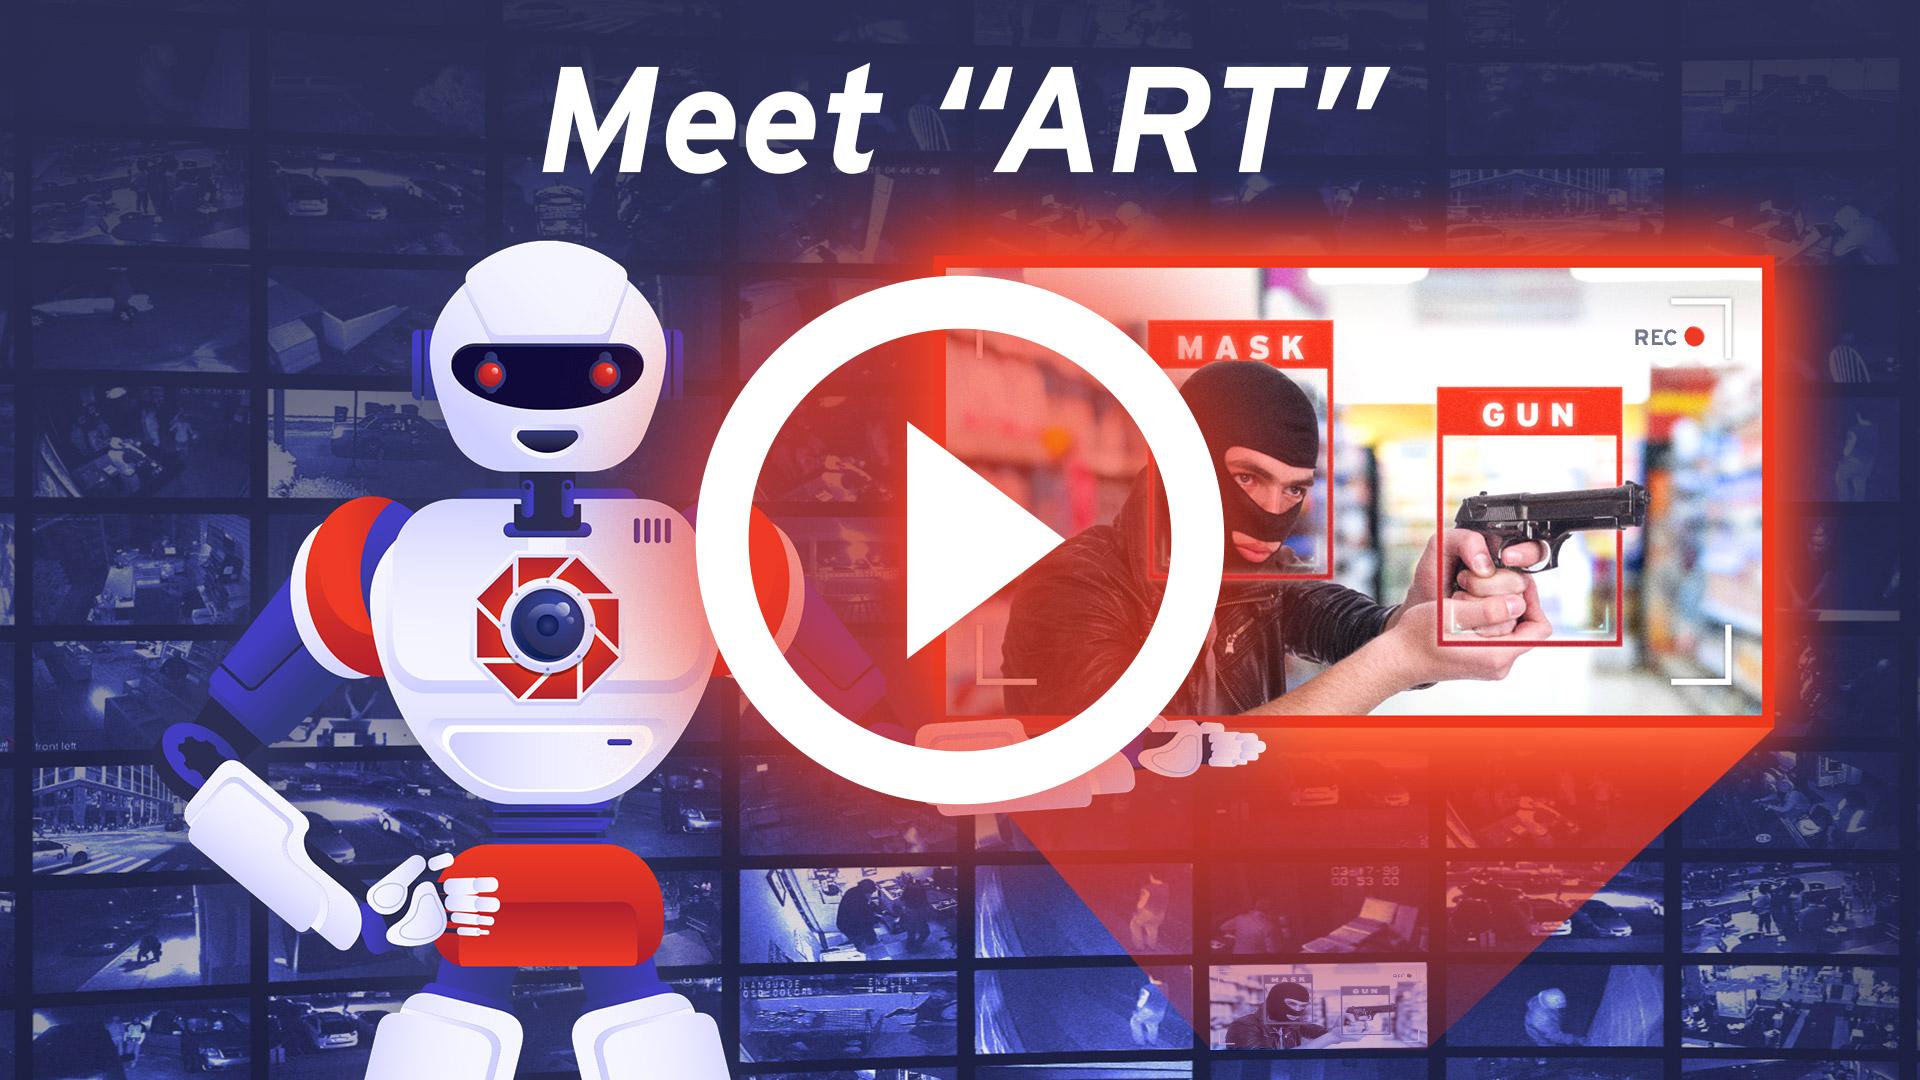 Meet ART video thumbnail